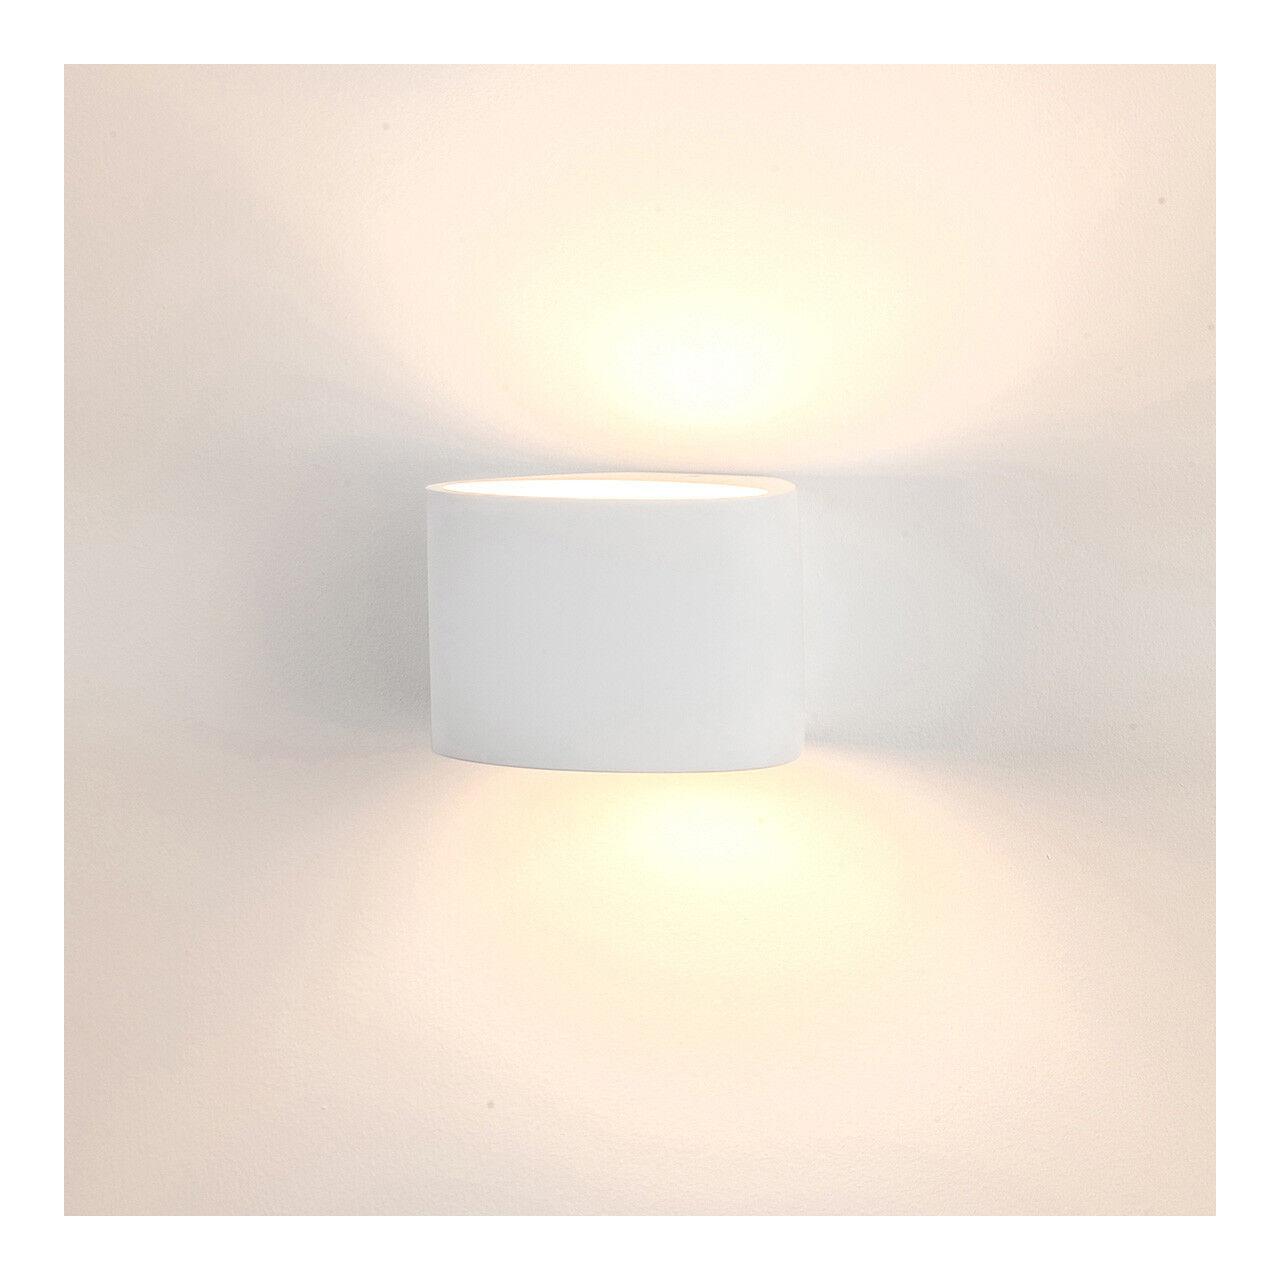 LED Gips Wandleuchte Lampe Wandlampe Gipsleuchten Gipslampe Leuchte bemalbar -50